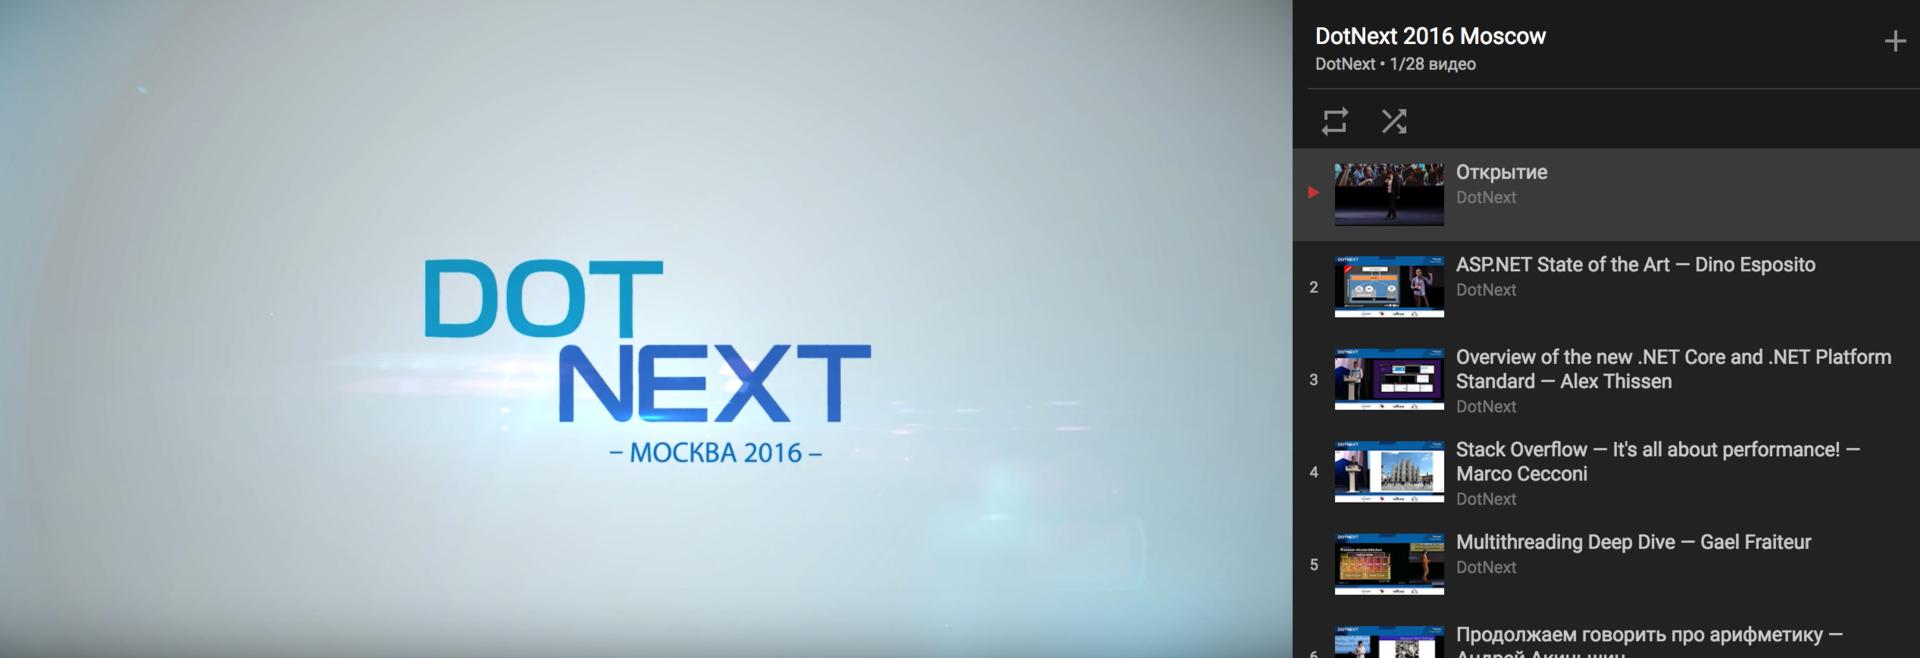 Видеозаписи лучших докладов DotNext 2016 Moscow: Перфоманс, CLR и функциональное программирование на .NET - 1